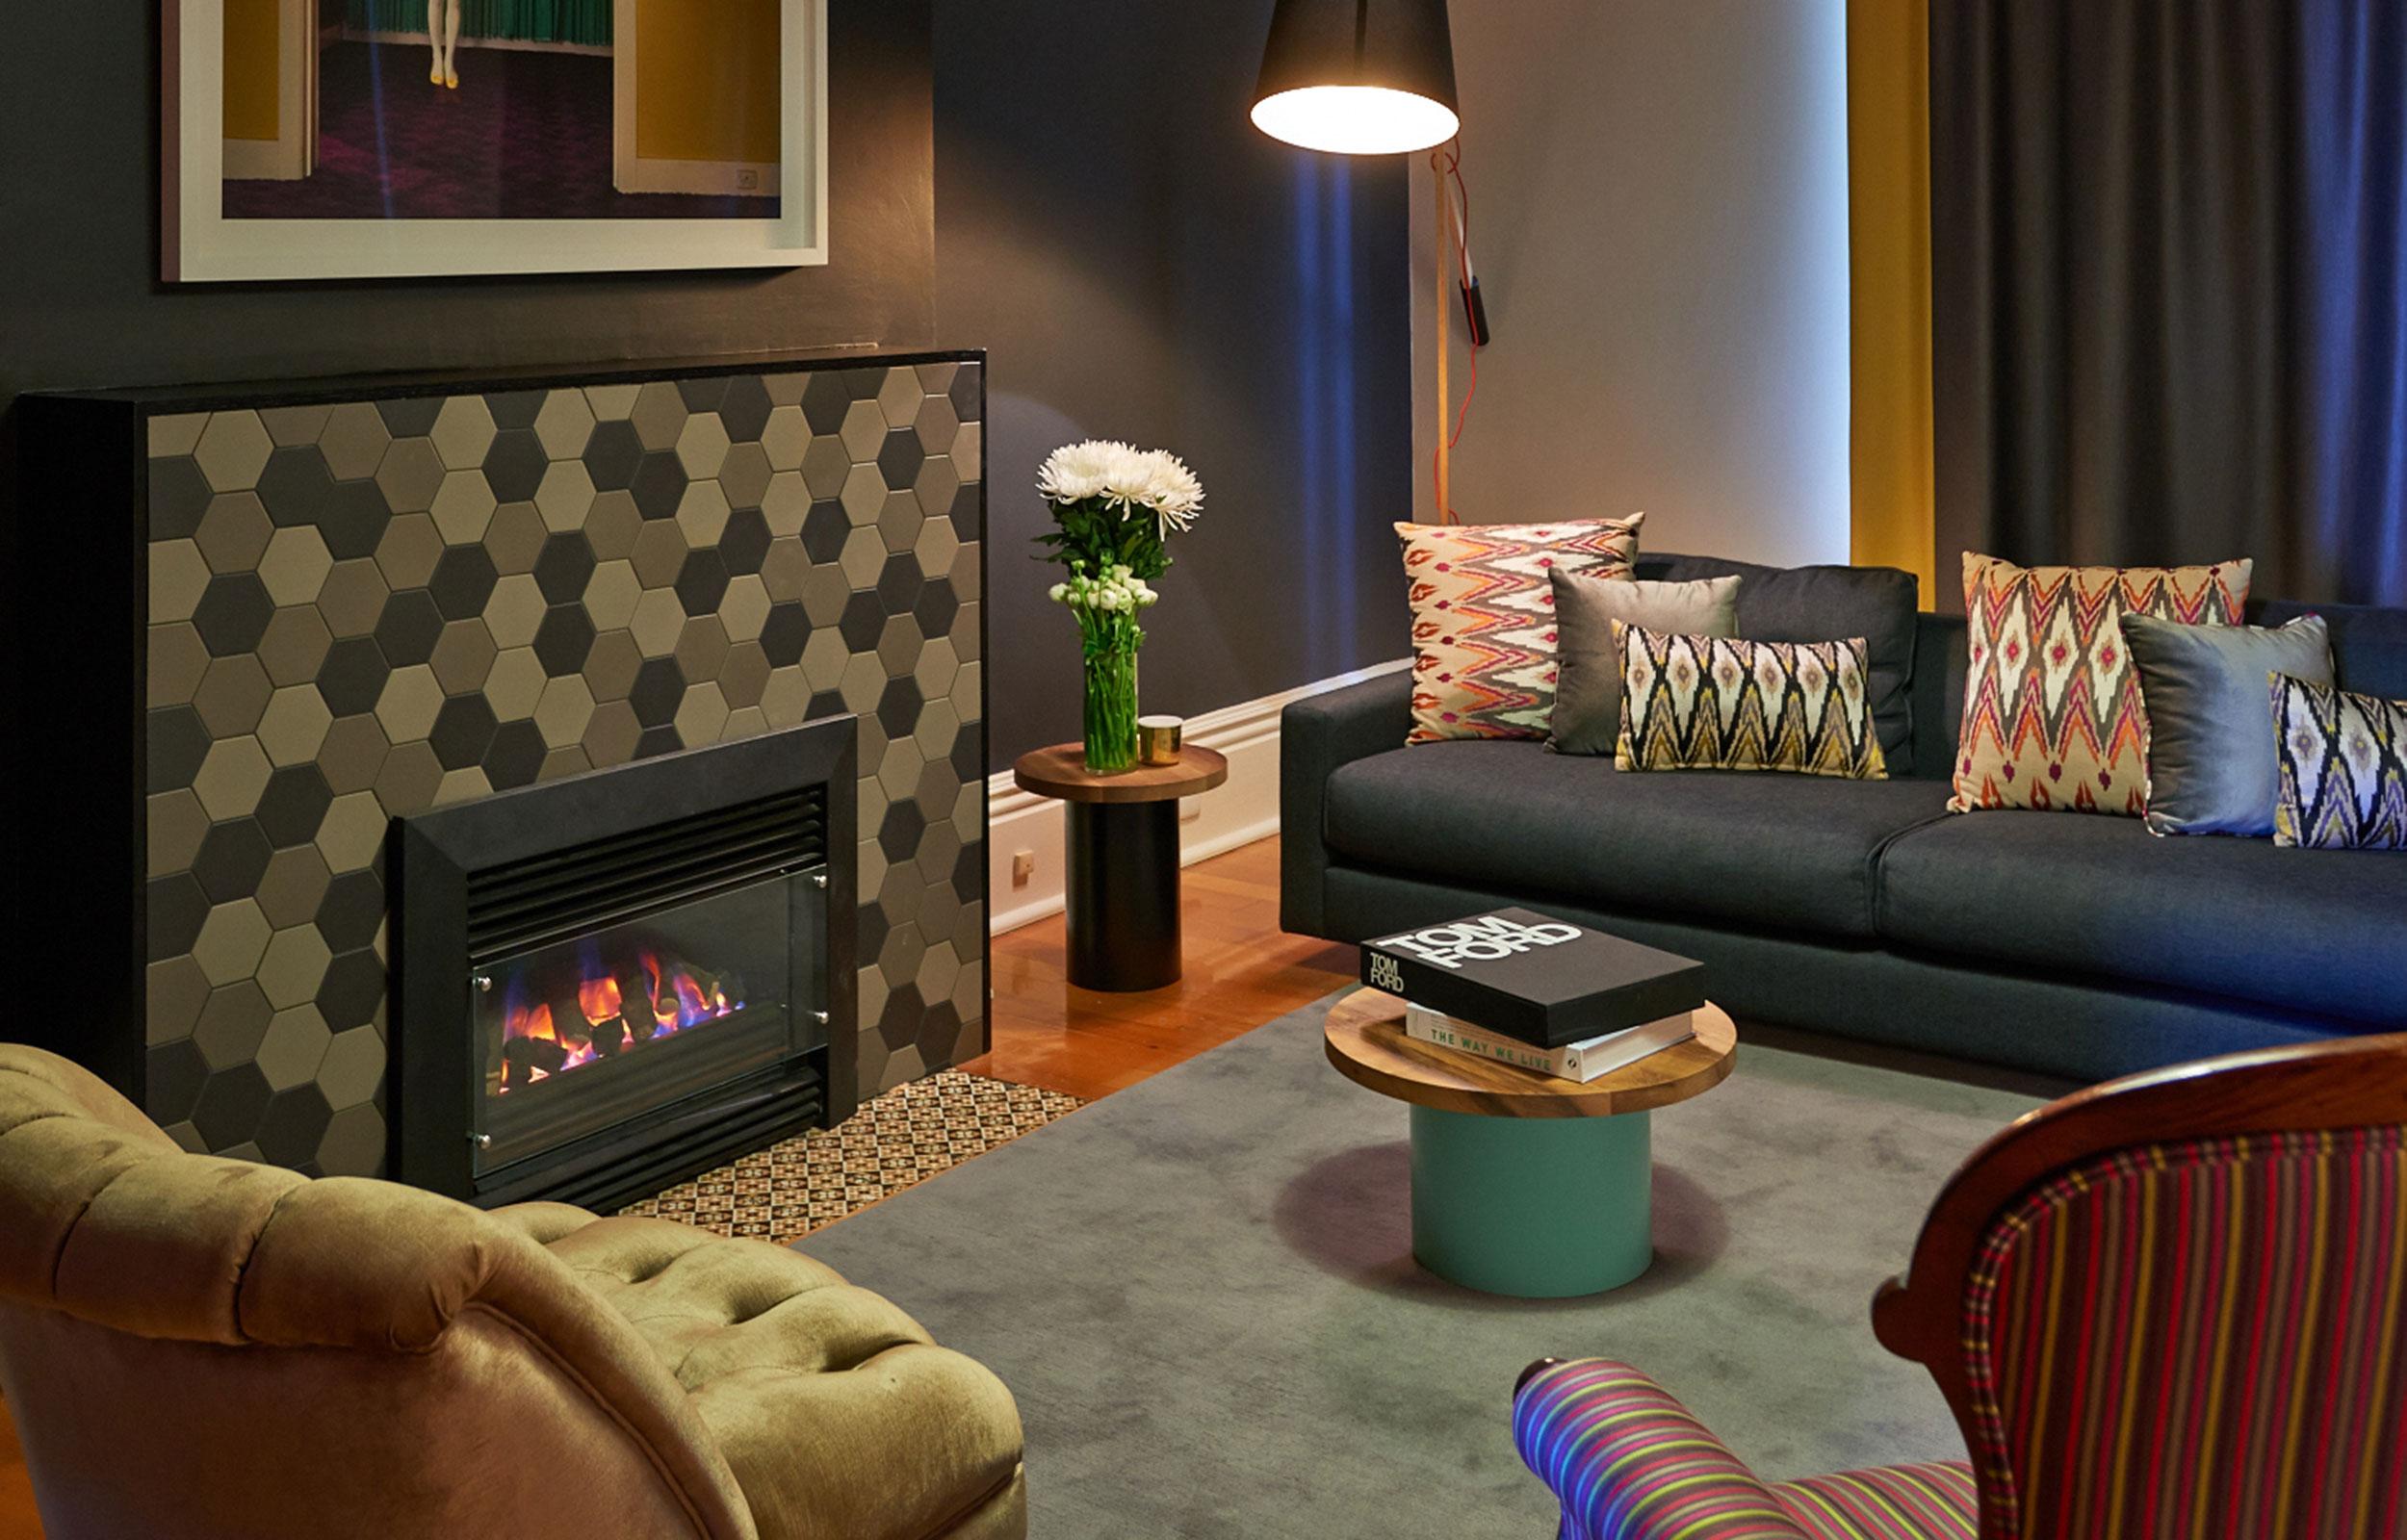 enoki-interior-AdelaideRes3-2.jpg